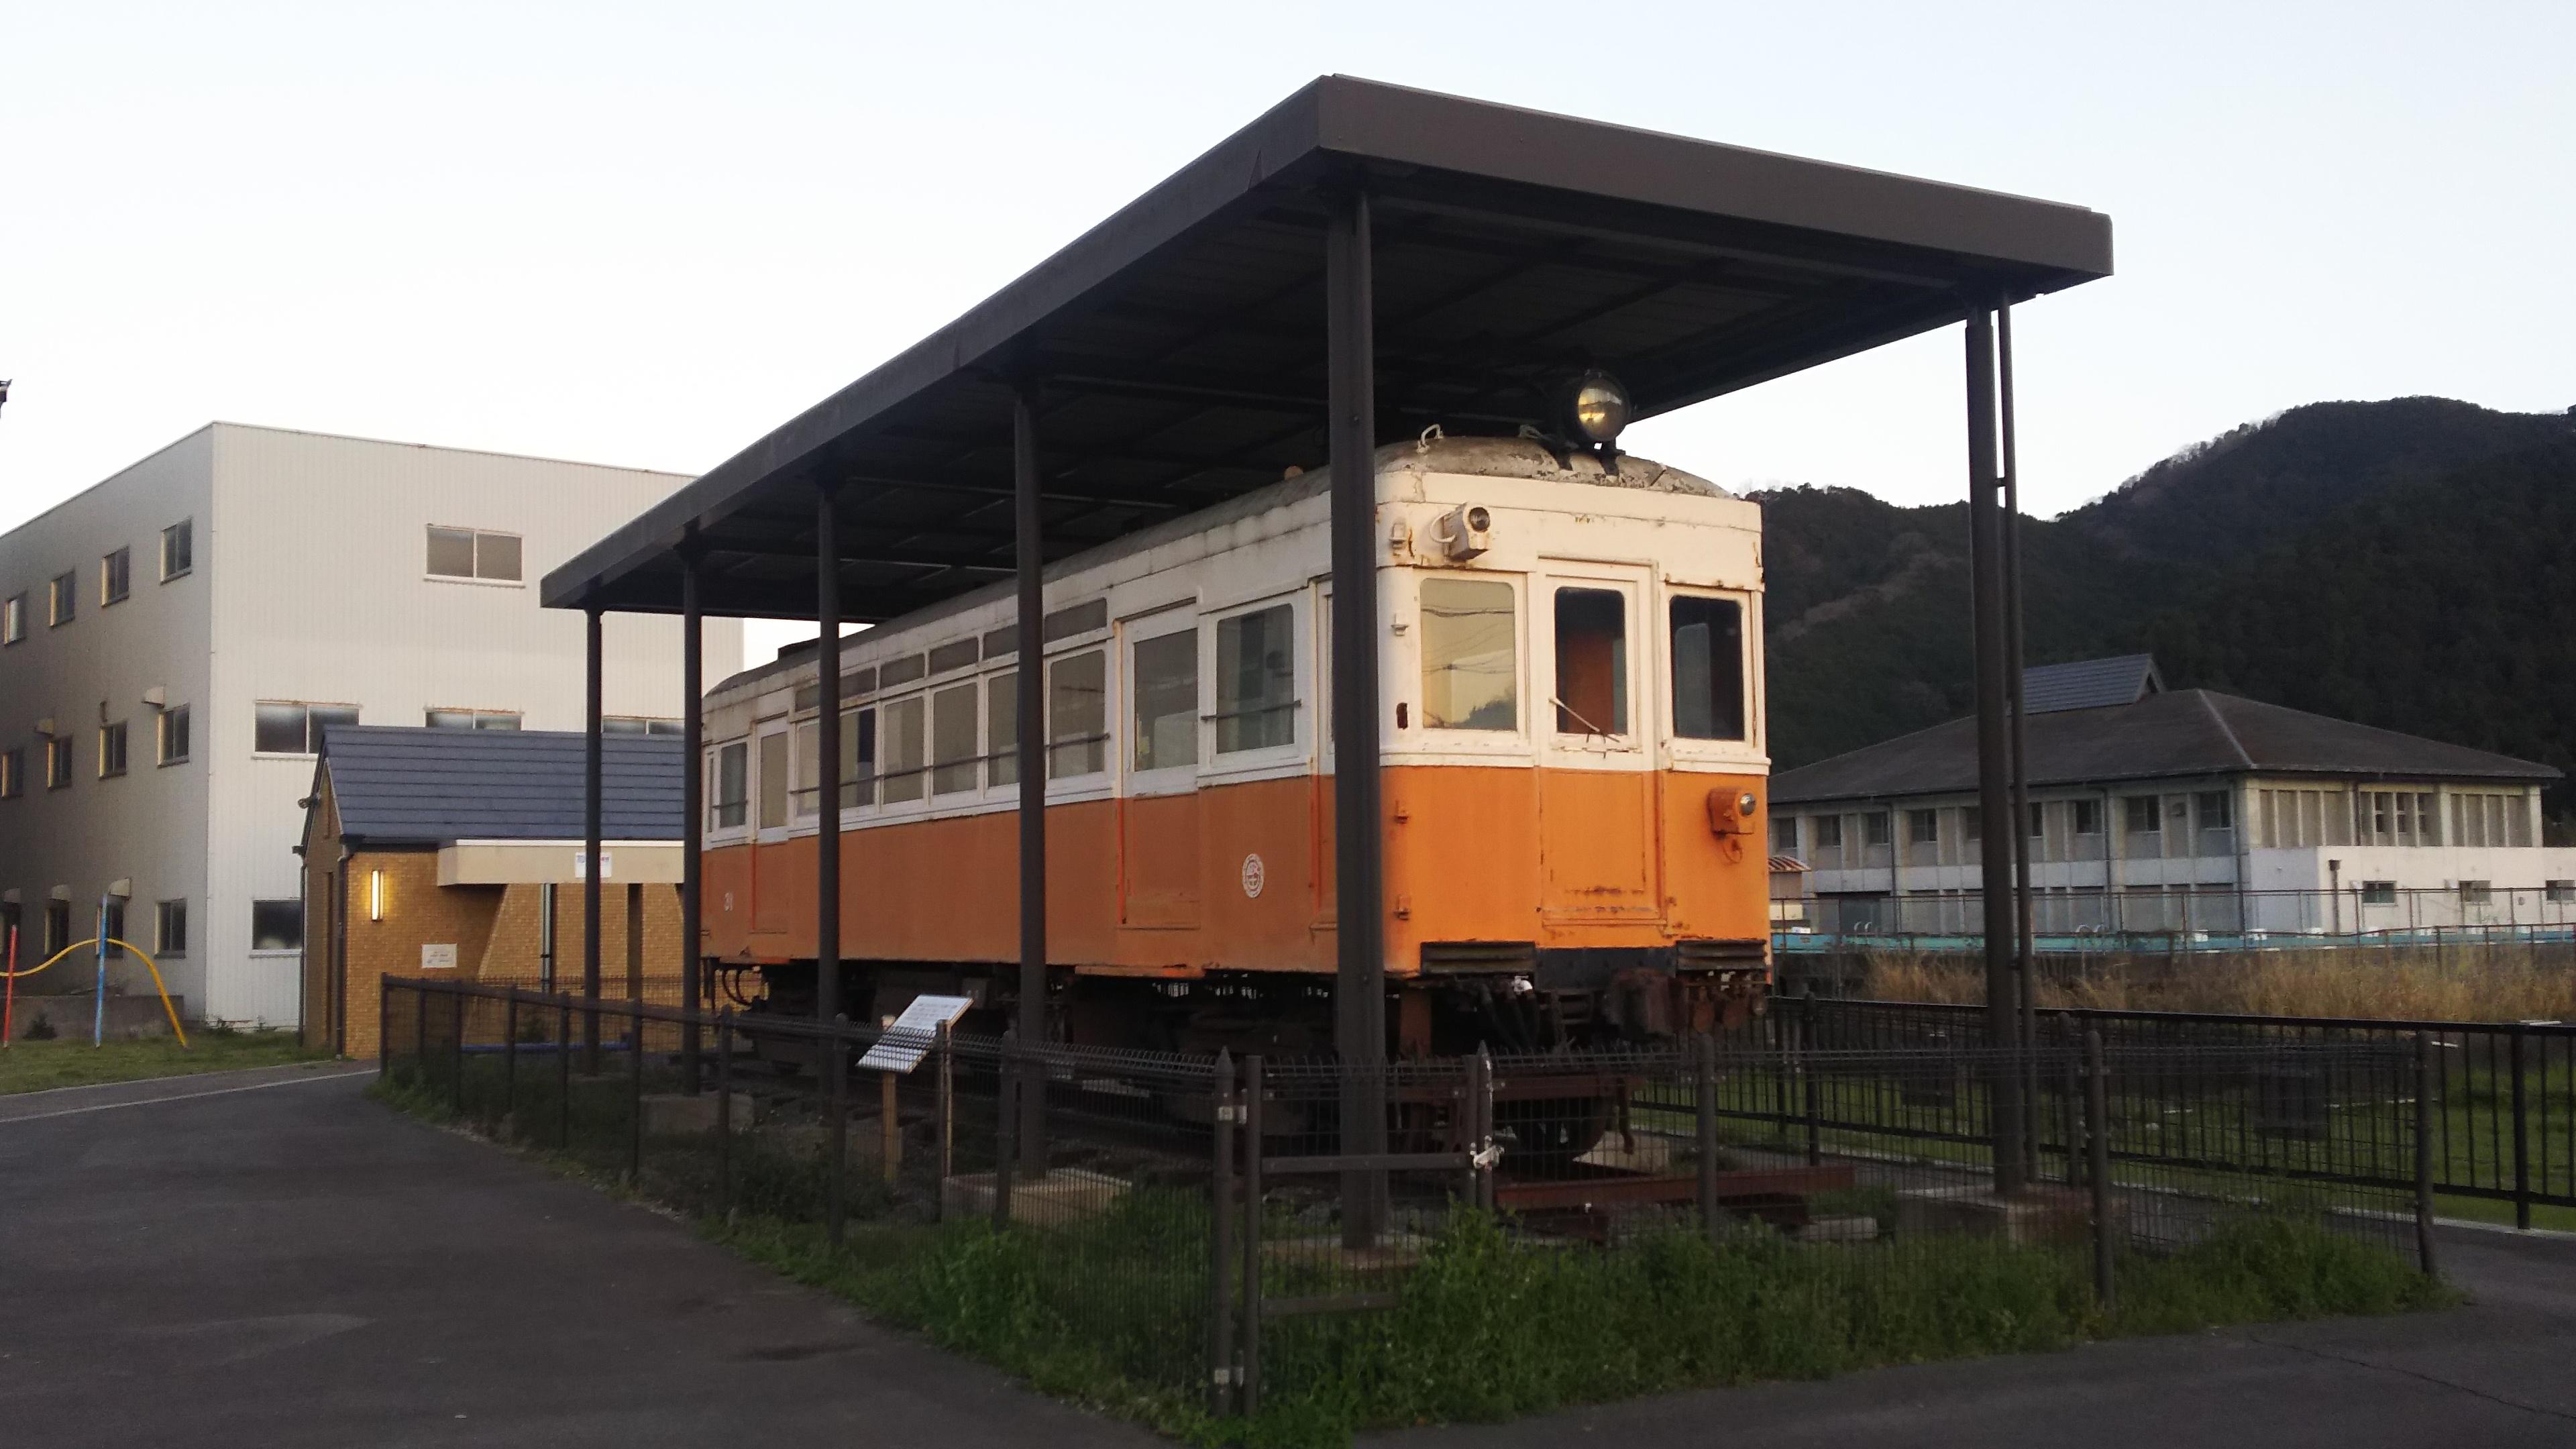 【小旅行記】野上電鉄車輌見学 / Nogami Electric Railway Tour